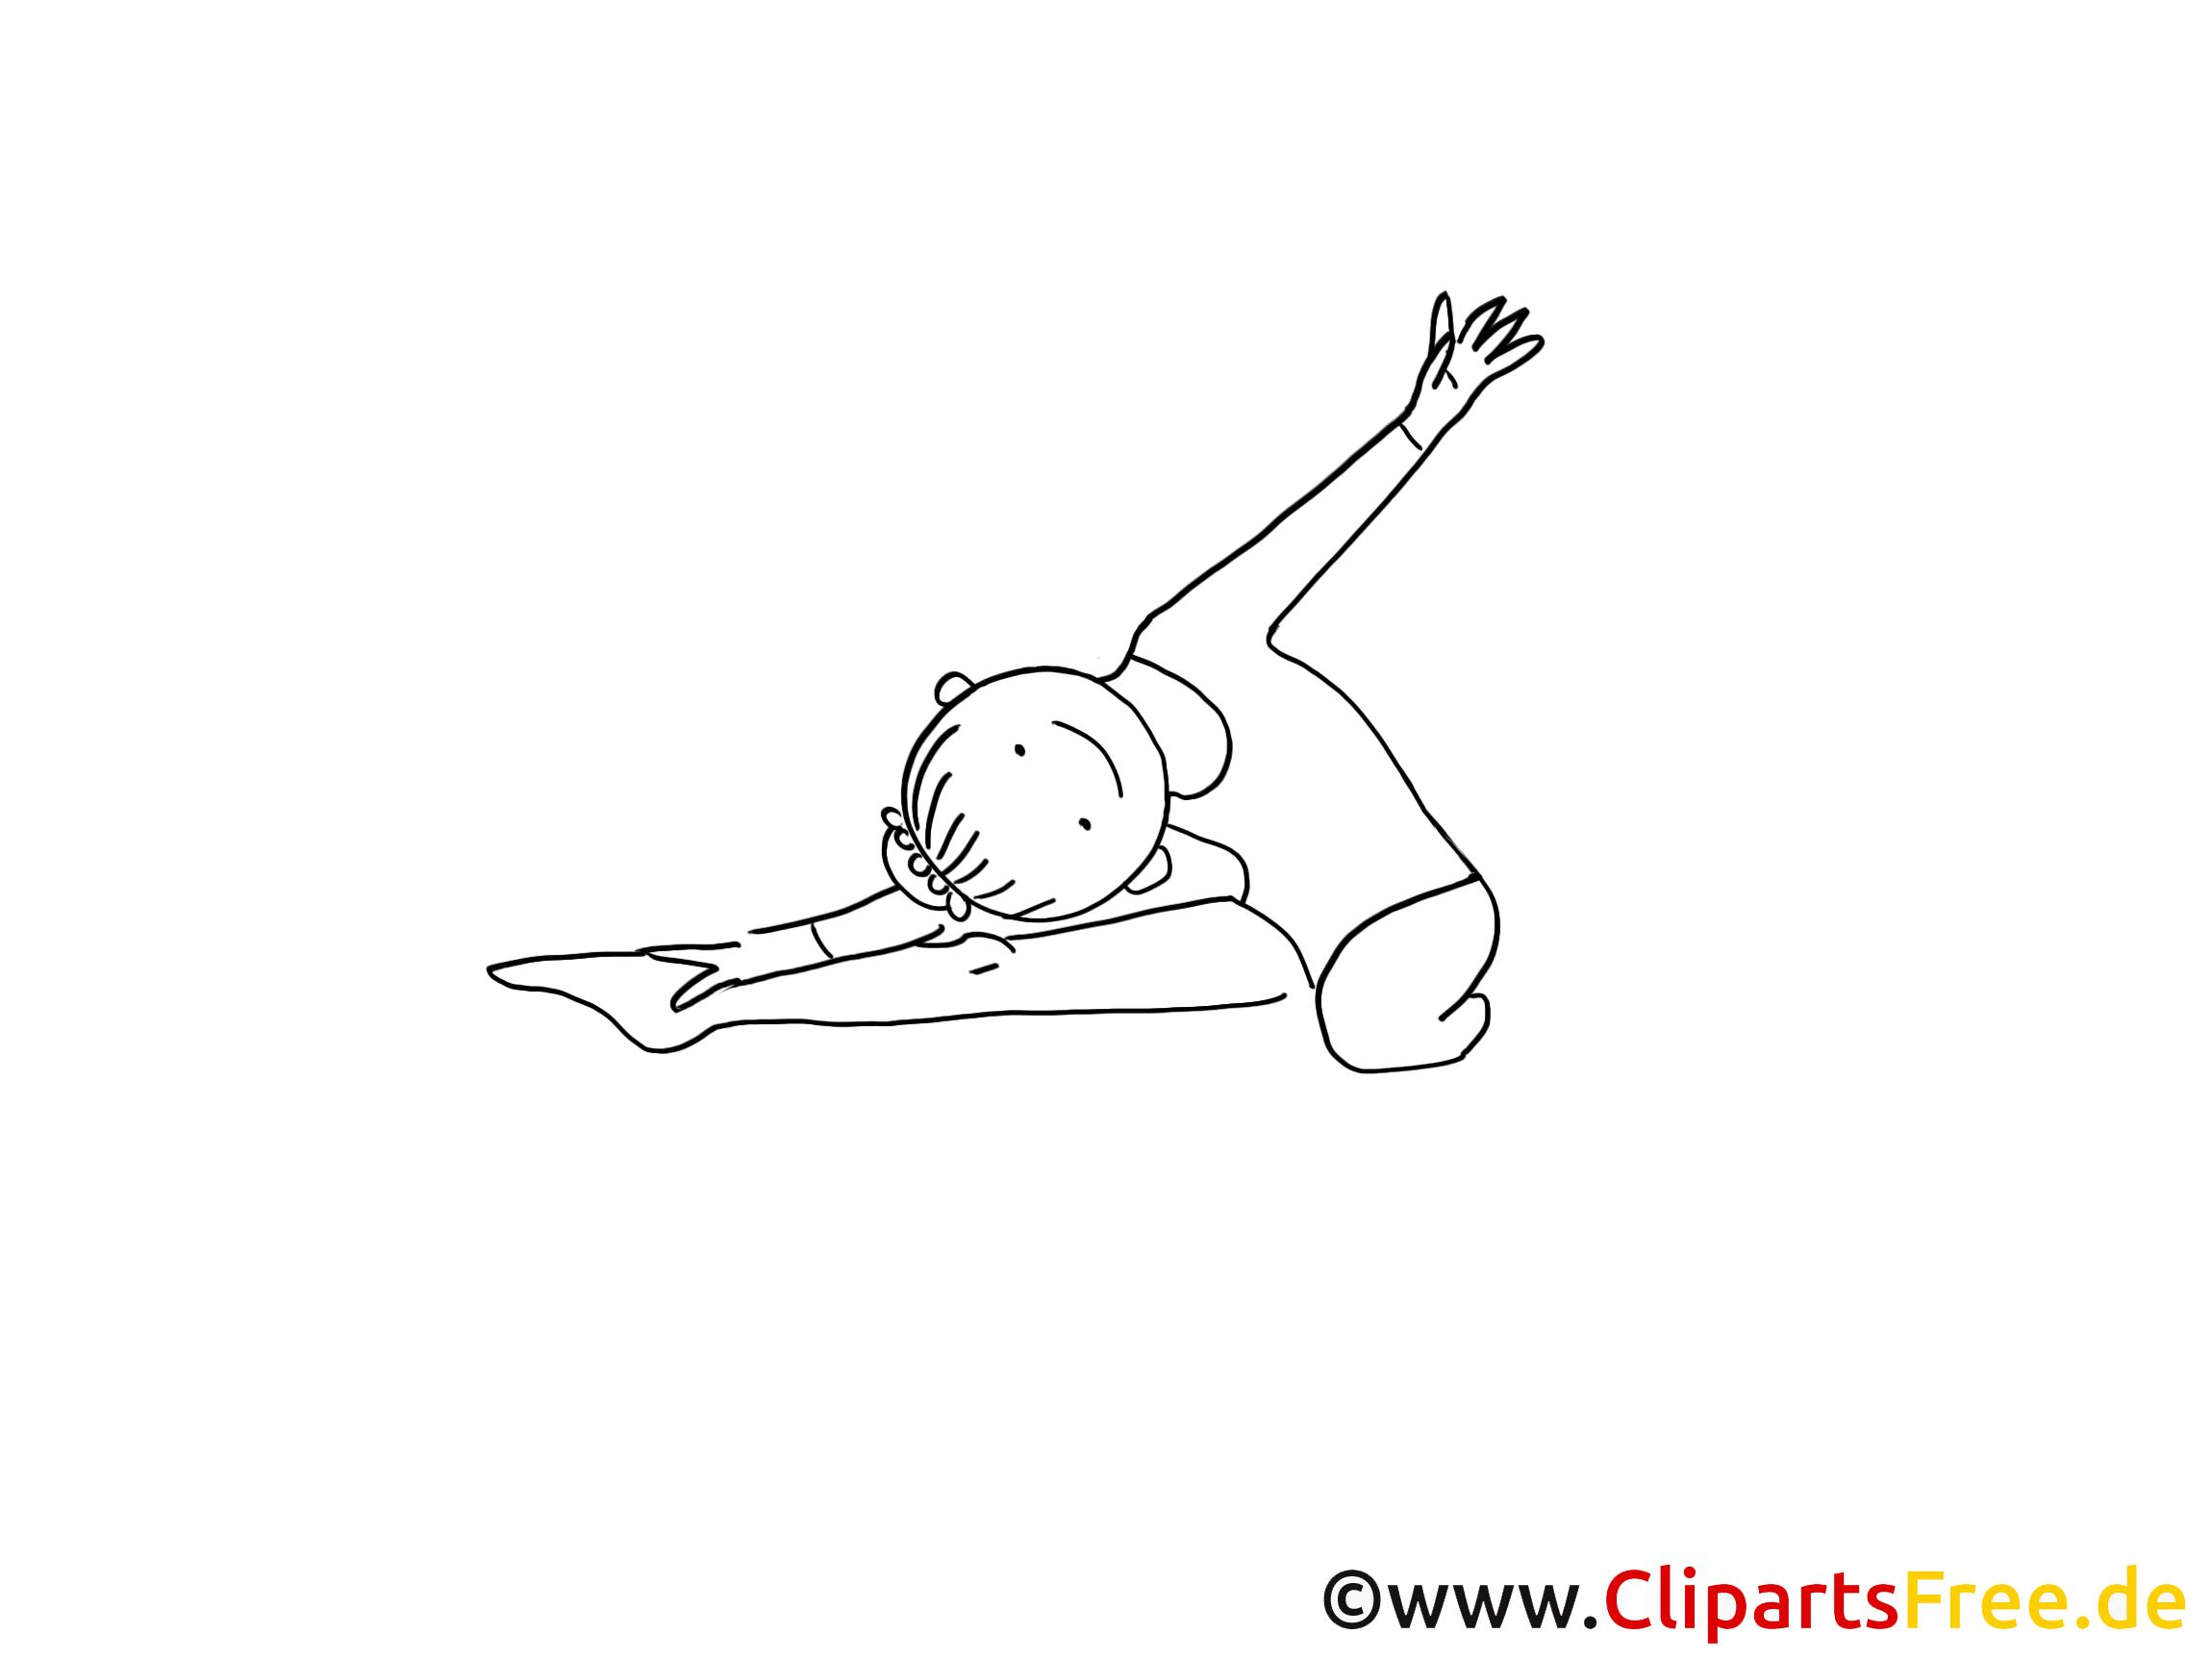 gymnastik zeichnung schwarz weiss bild clipart comic cartoon zum ausmalen. Black Bedroom Furniture Sets. Home Design Ideas